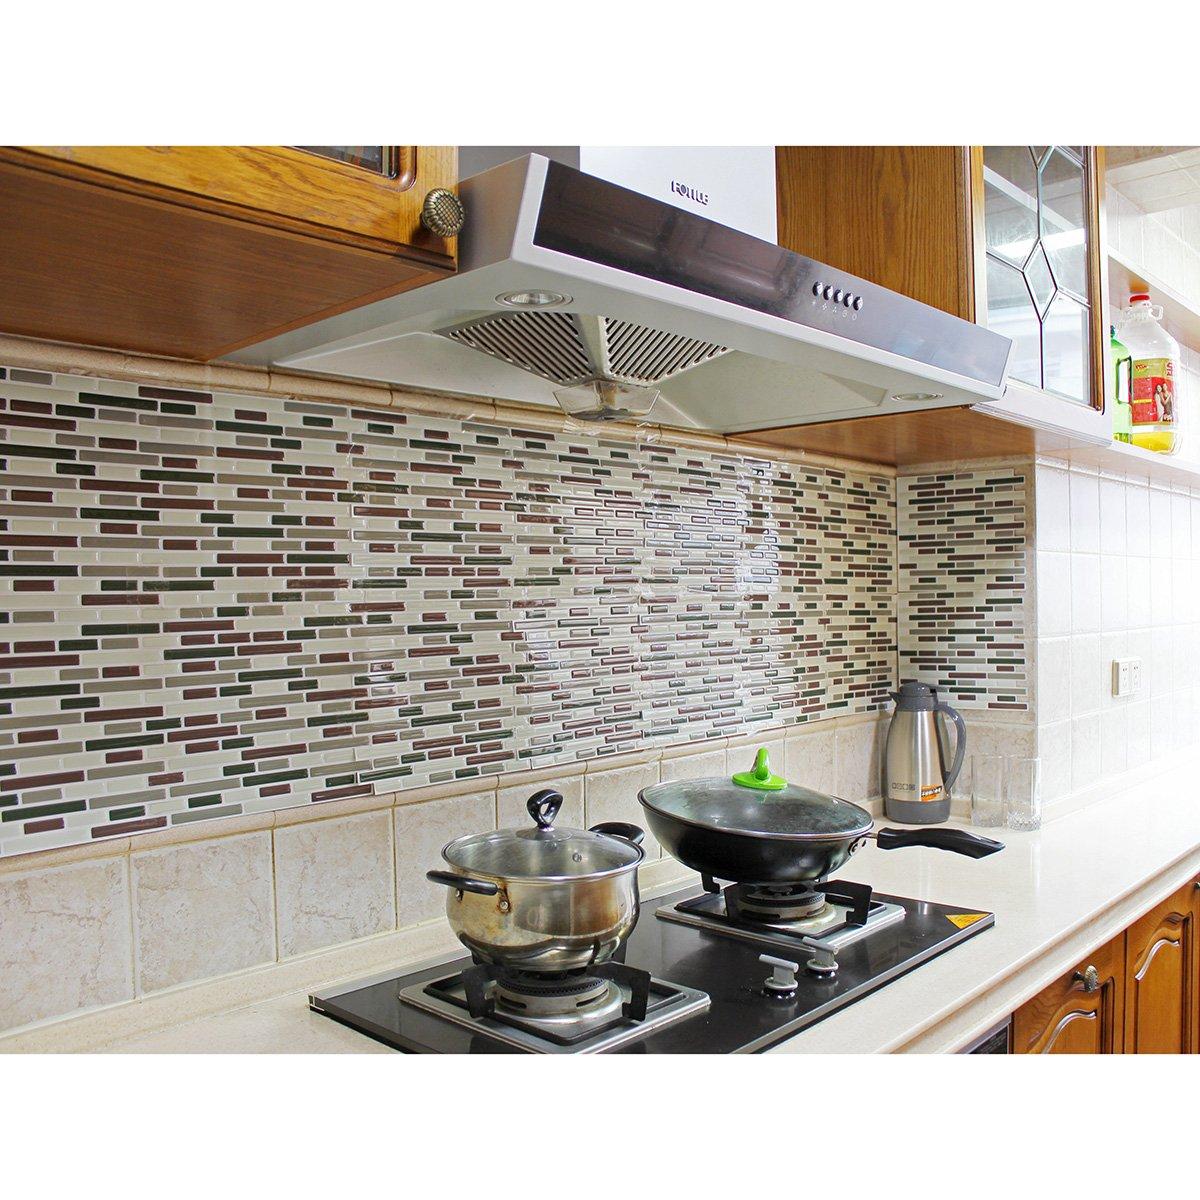 Easy Kitchen Backsplash Makeover: Fancy-fix Vinyl Peel Stick Decorative Backsplash Kitchen